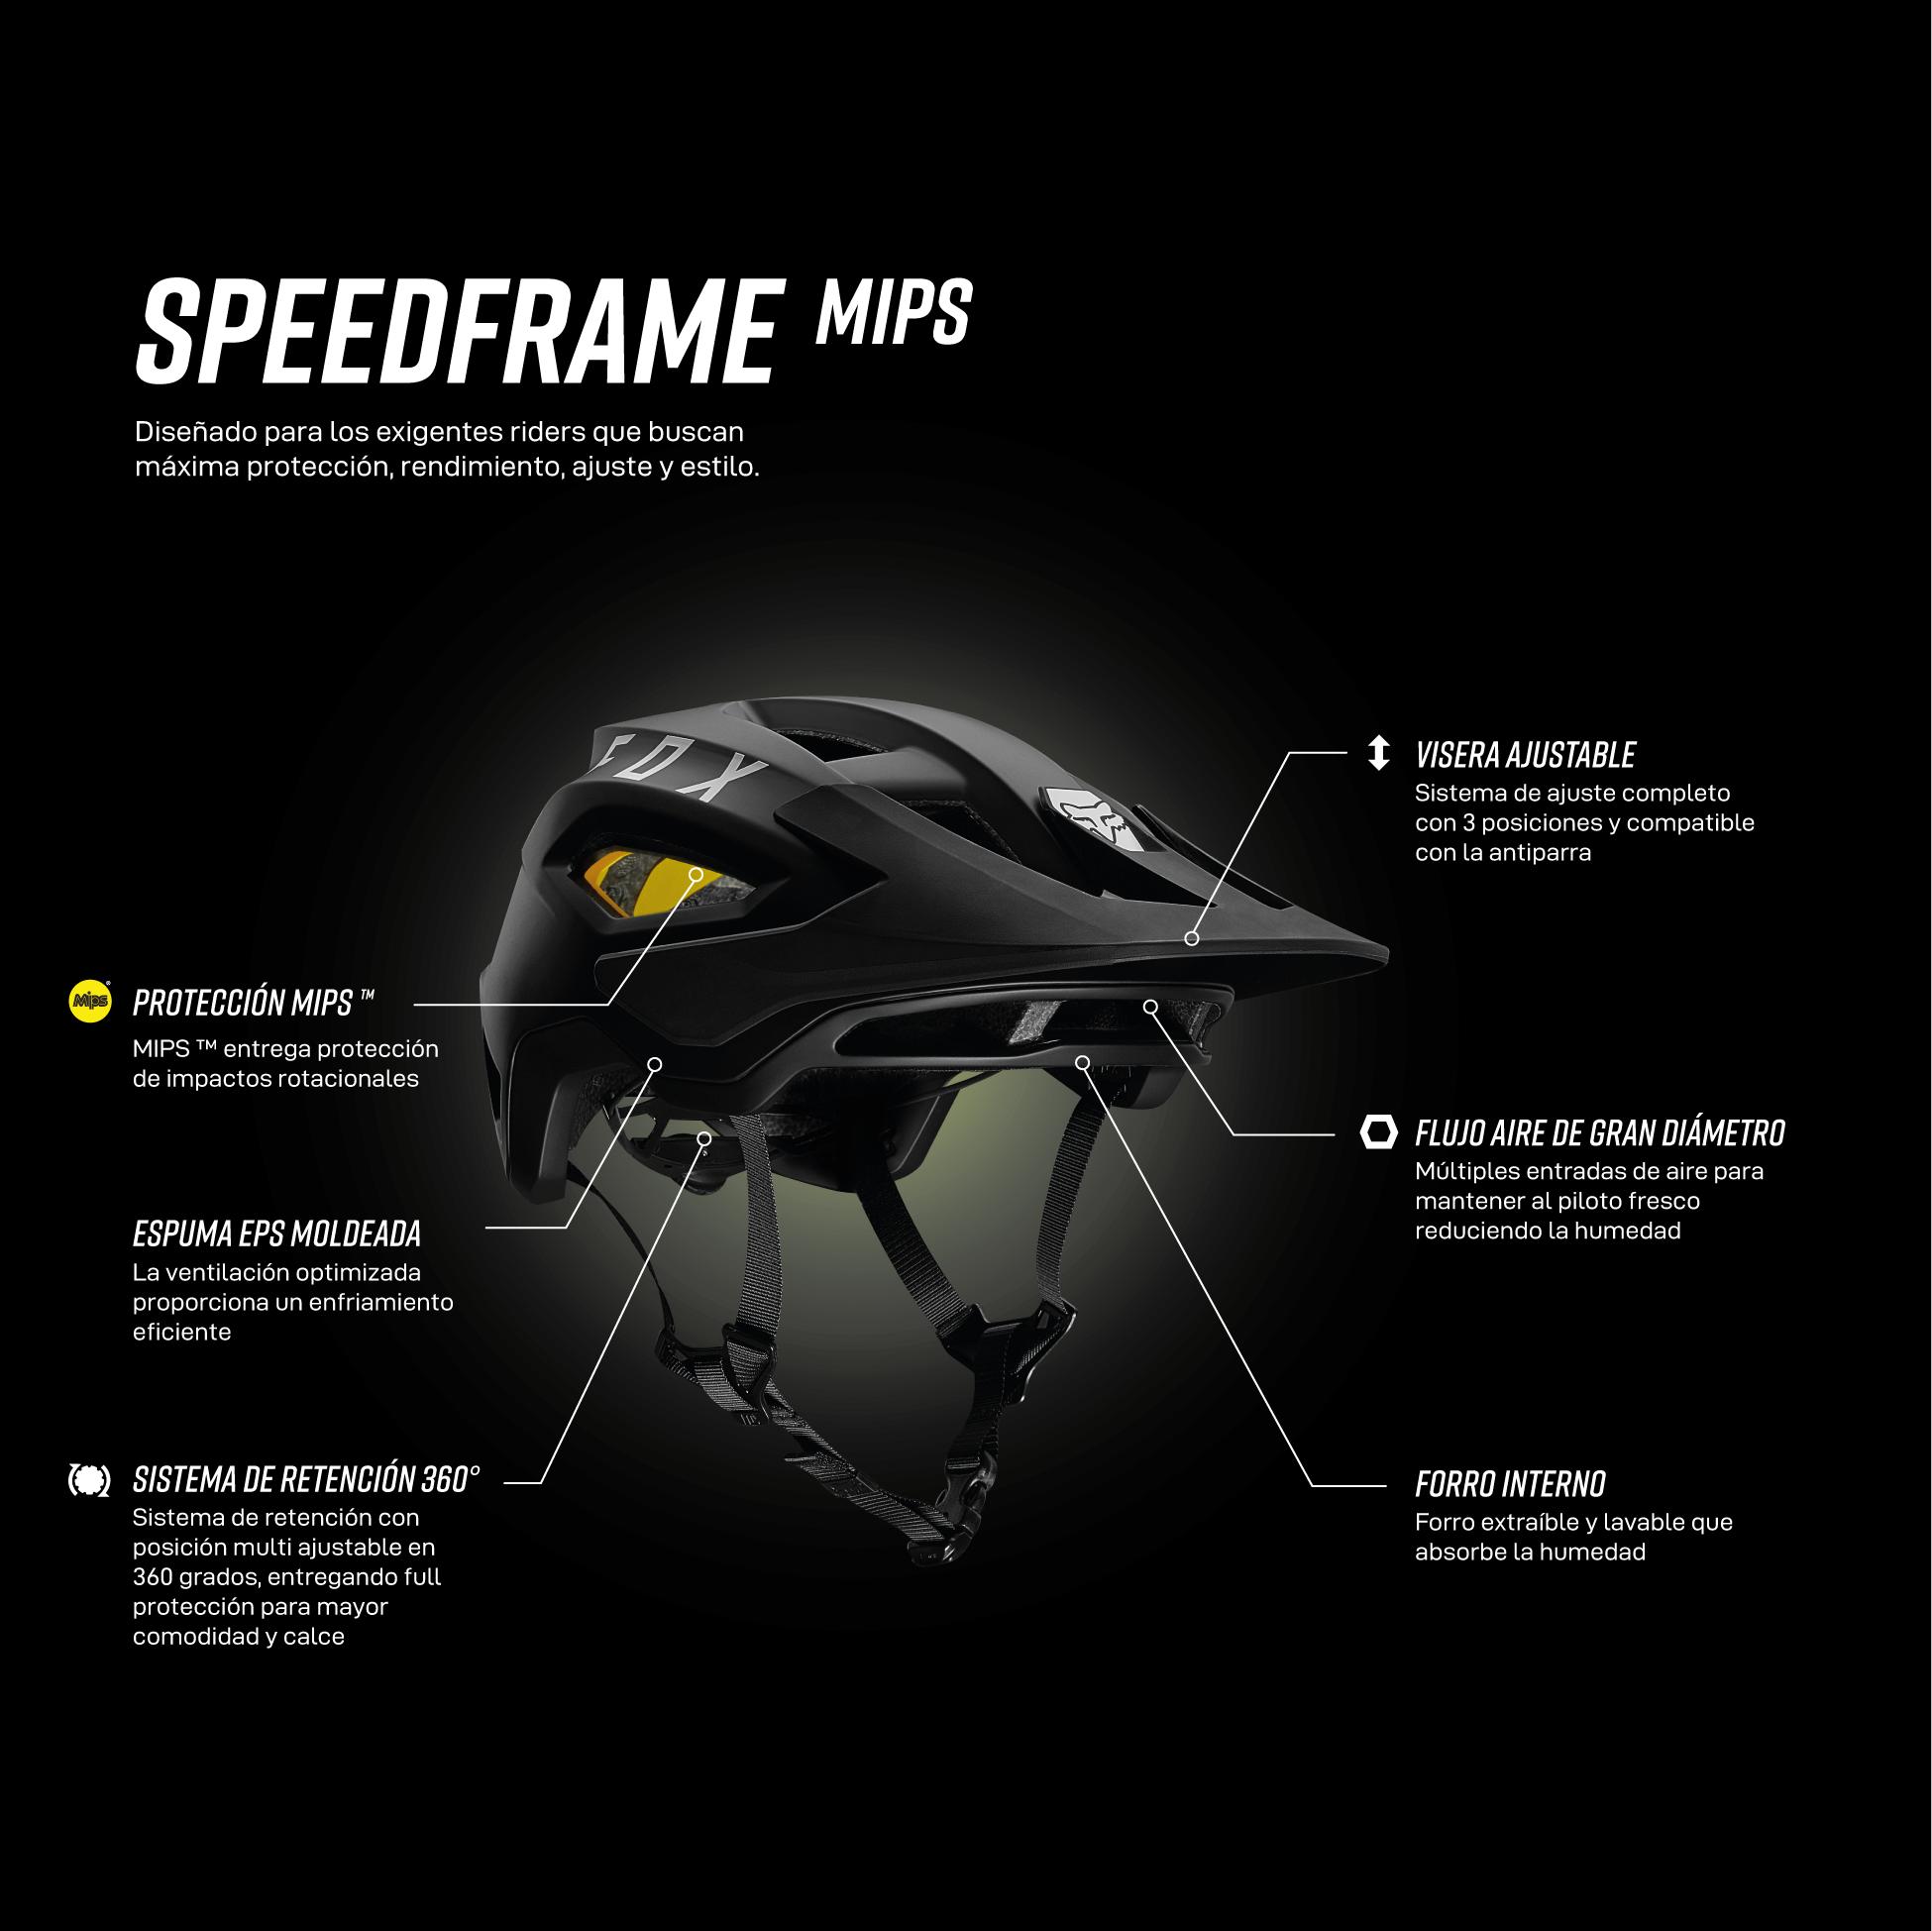 Speedframe-Mips-Negro